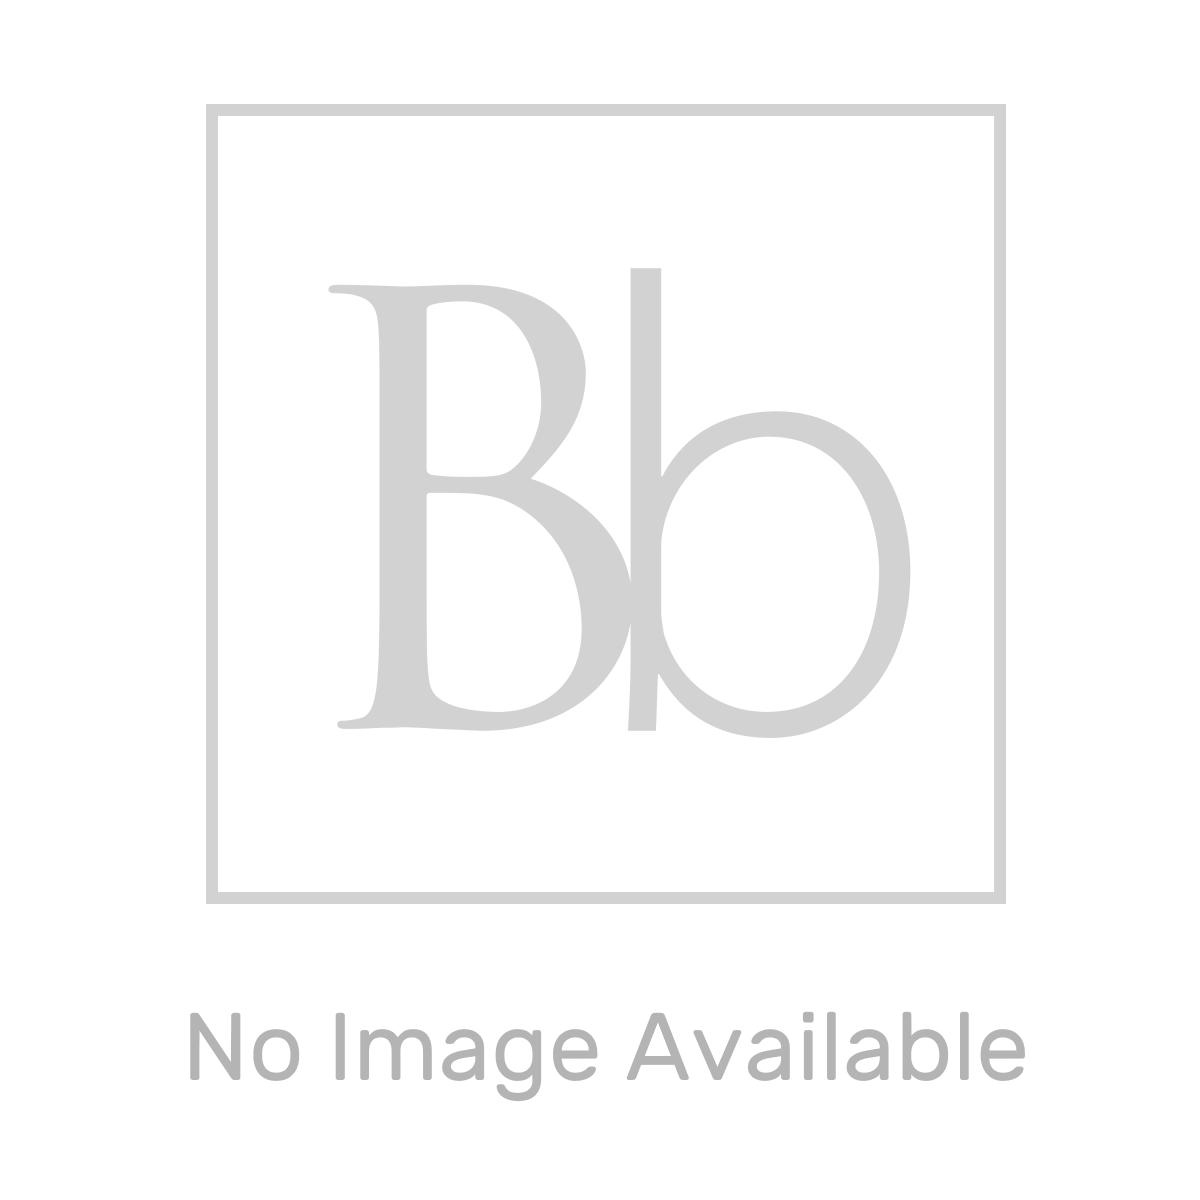 Nuie Blocks Satin Blue 2 Door Floor Standing Vanity Unit with 18mm Profile Basin 500mm